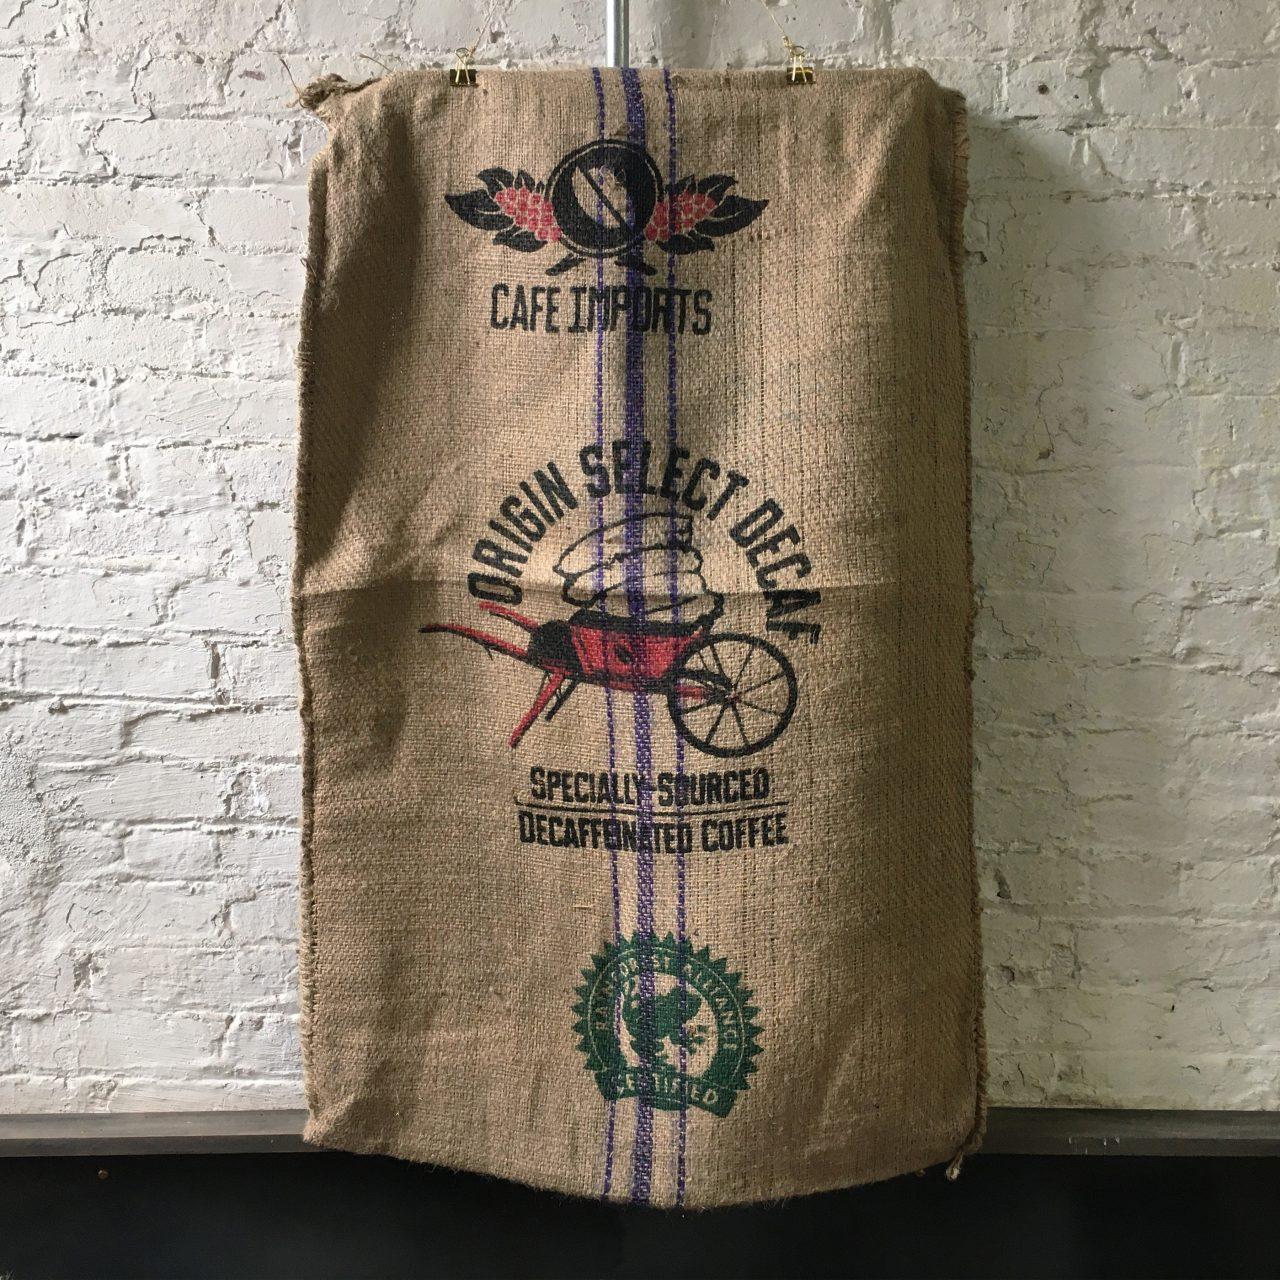 Swiss Water Decaf Jute Bag